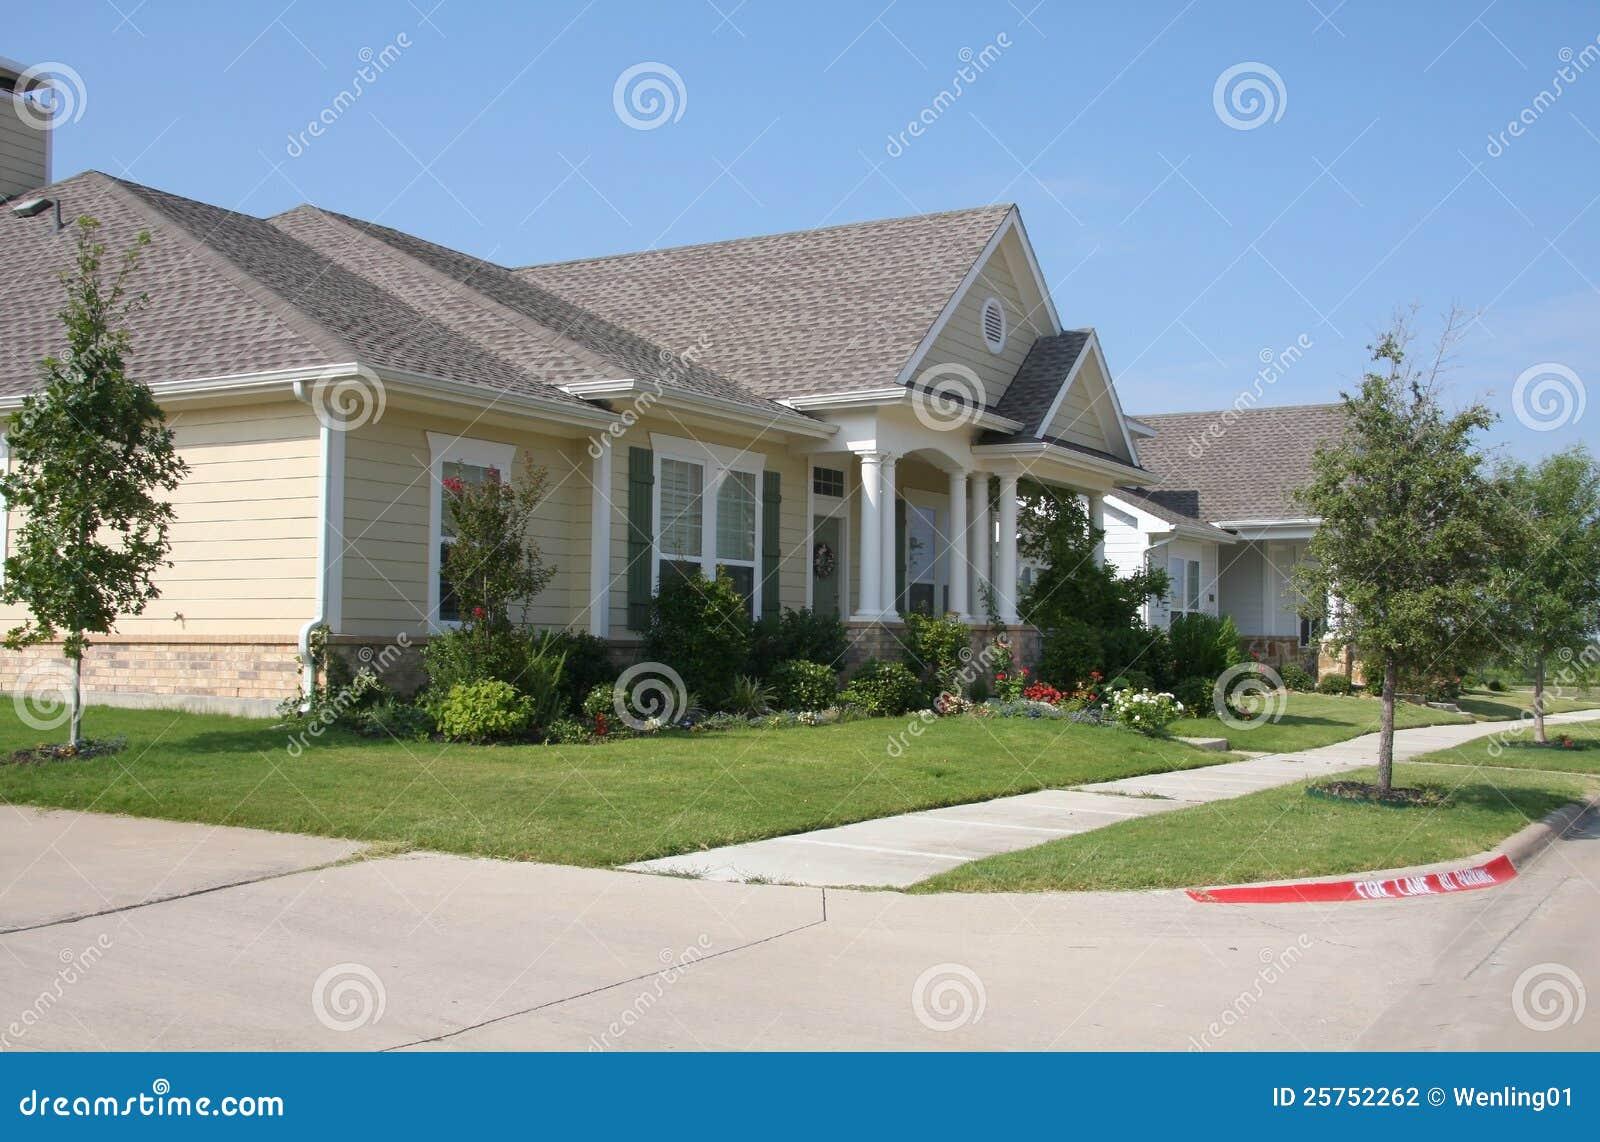 Casas bonitas con gadern foto de archivo imagen de - Foto de casas bonitas ...